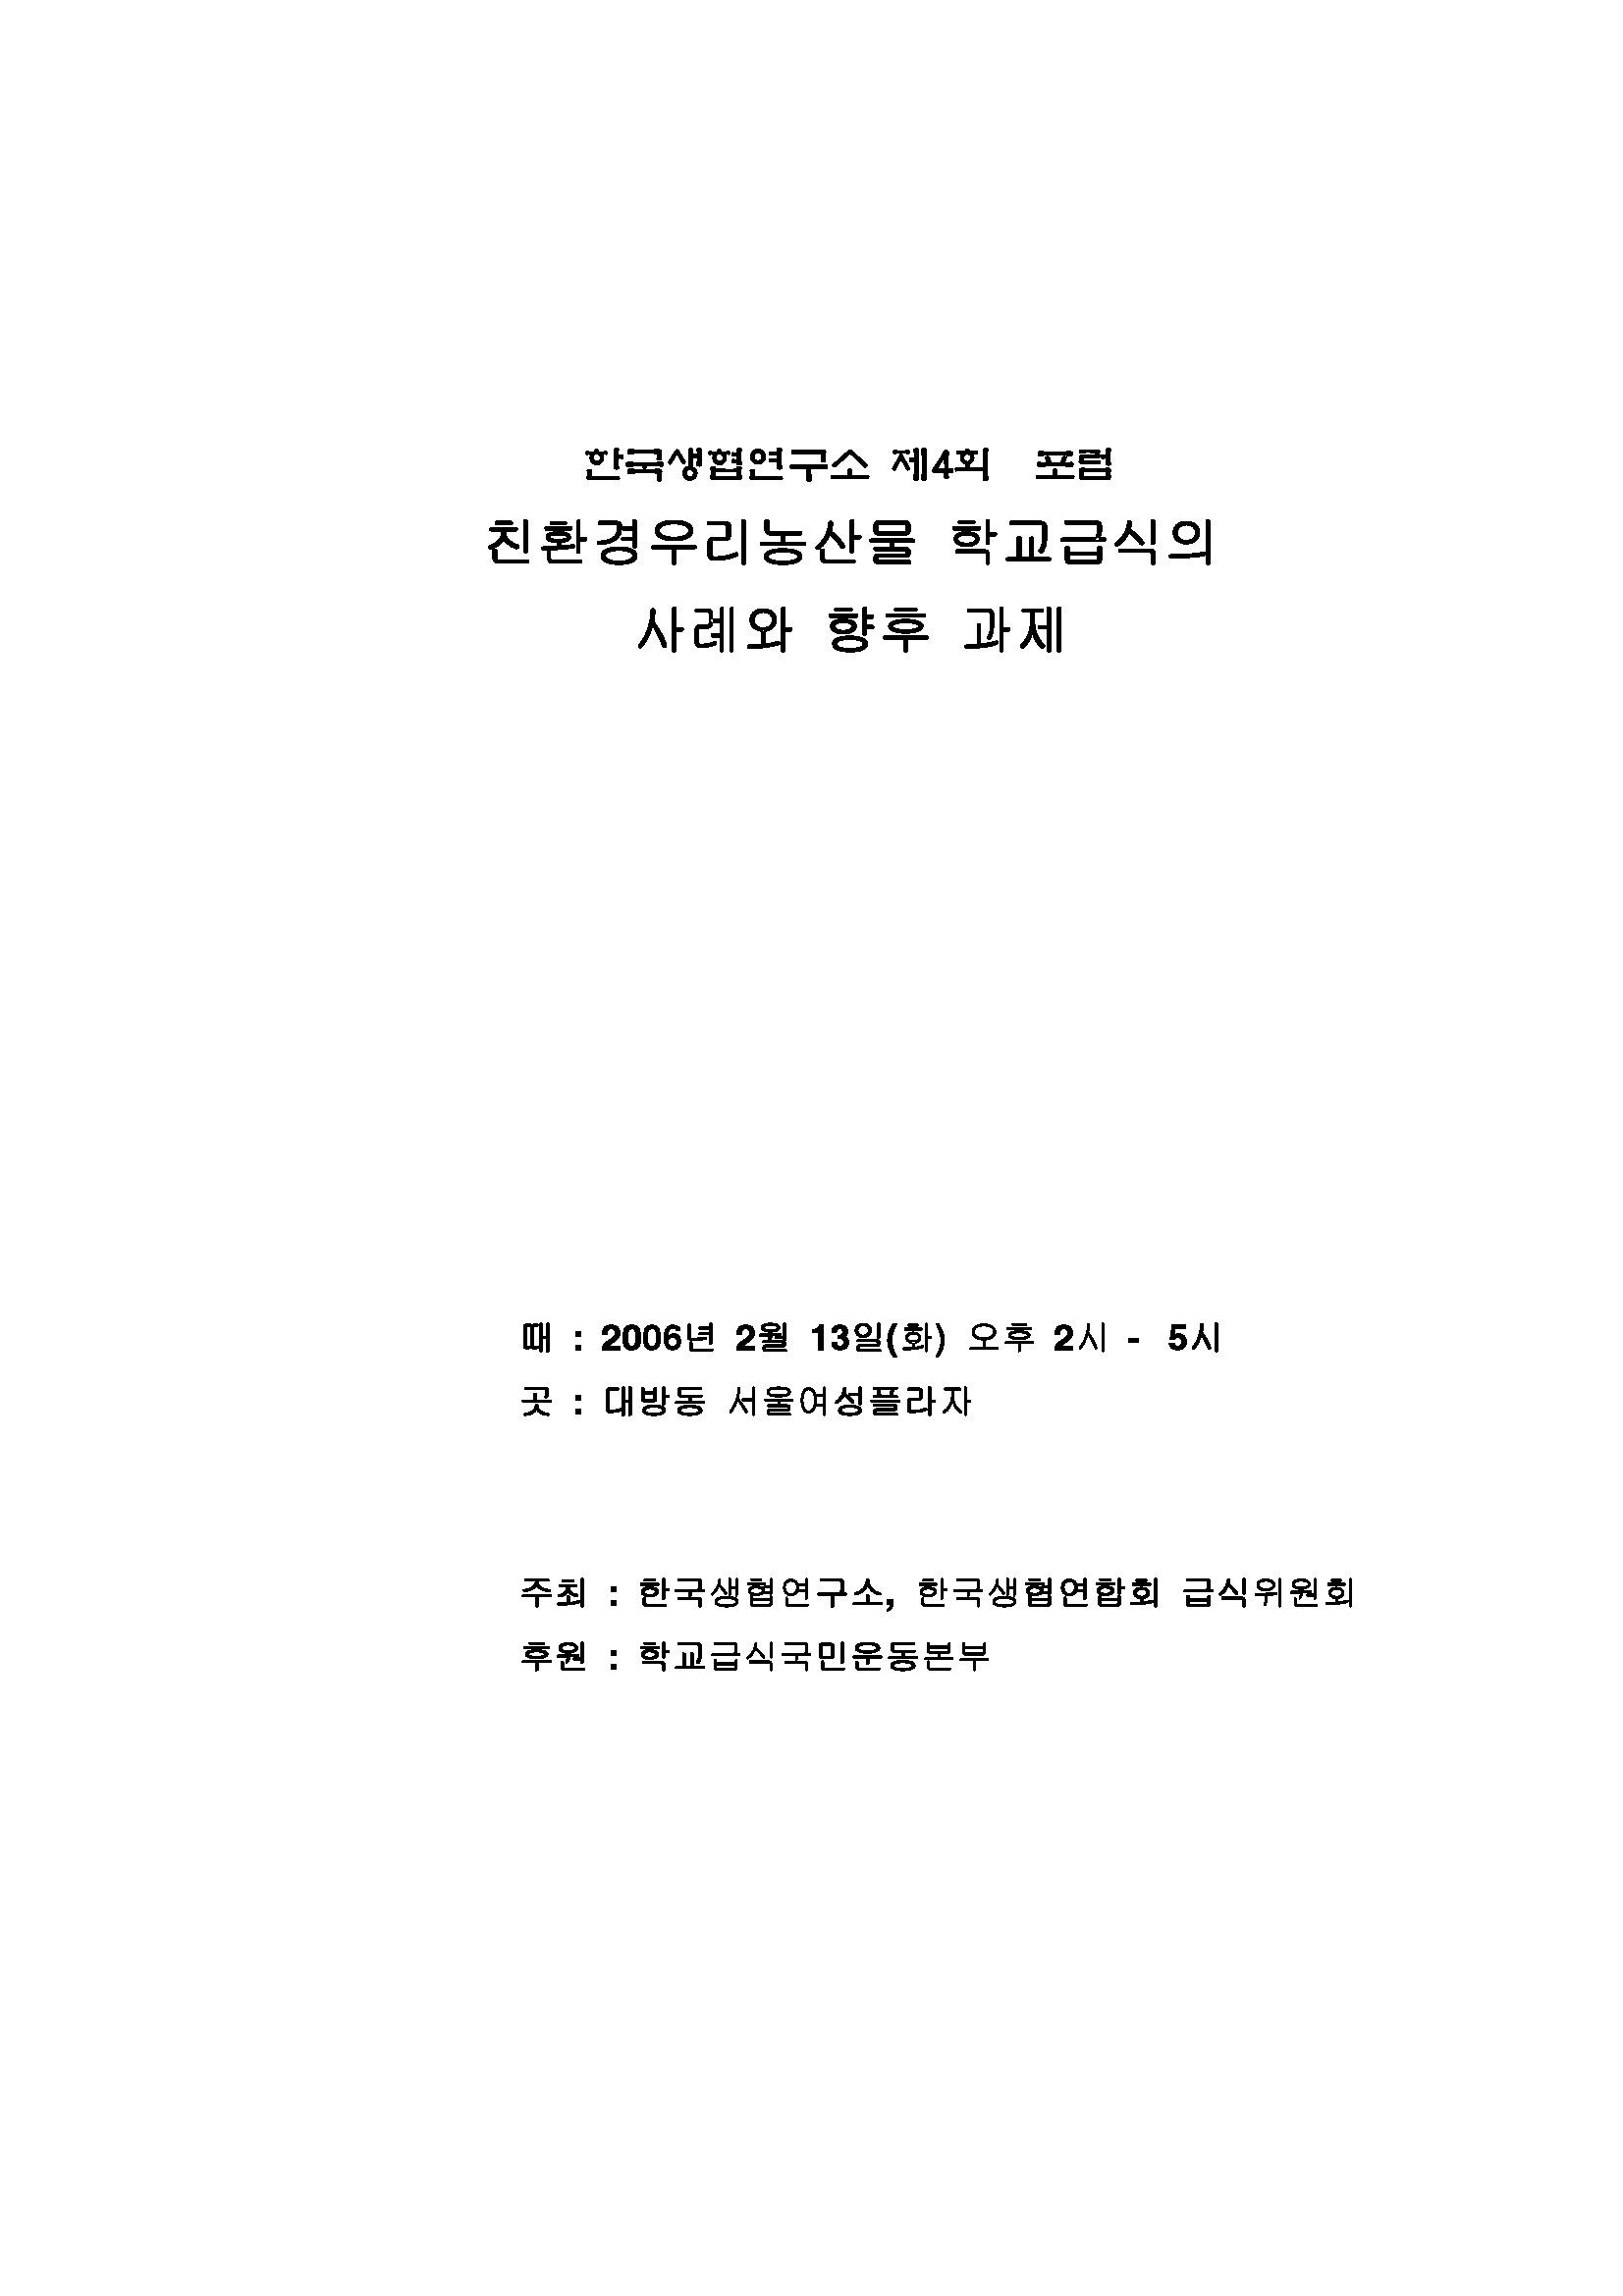 12_(제4회 포럼 자료집) 『친환경 우리 농산물 학교급식의 사례와 향후 과제』_Page_01.jpg